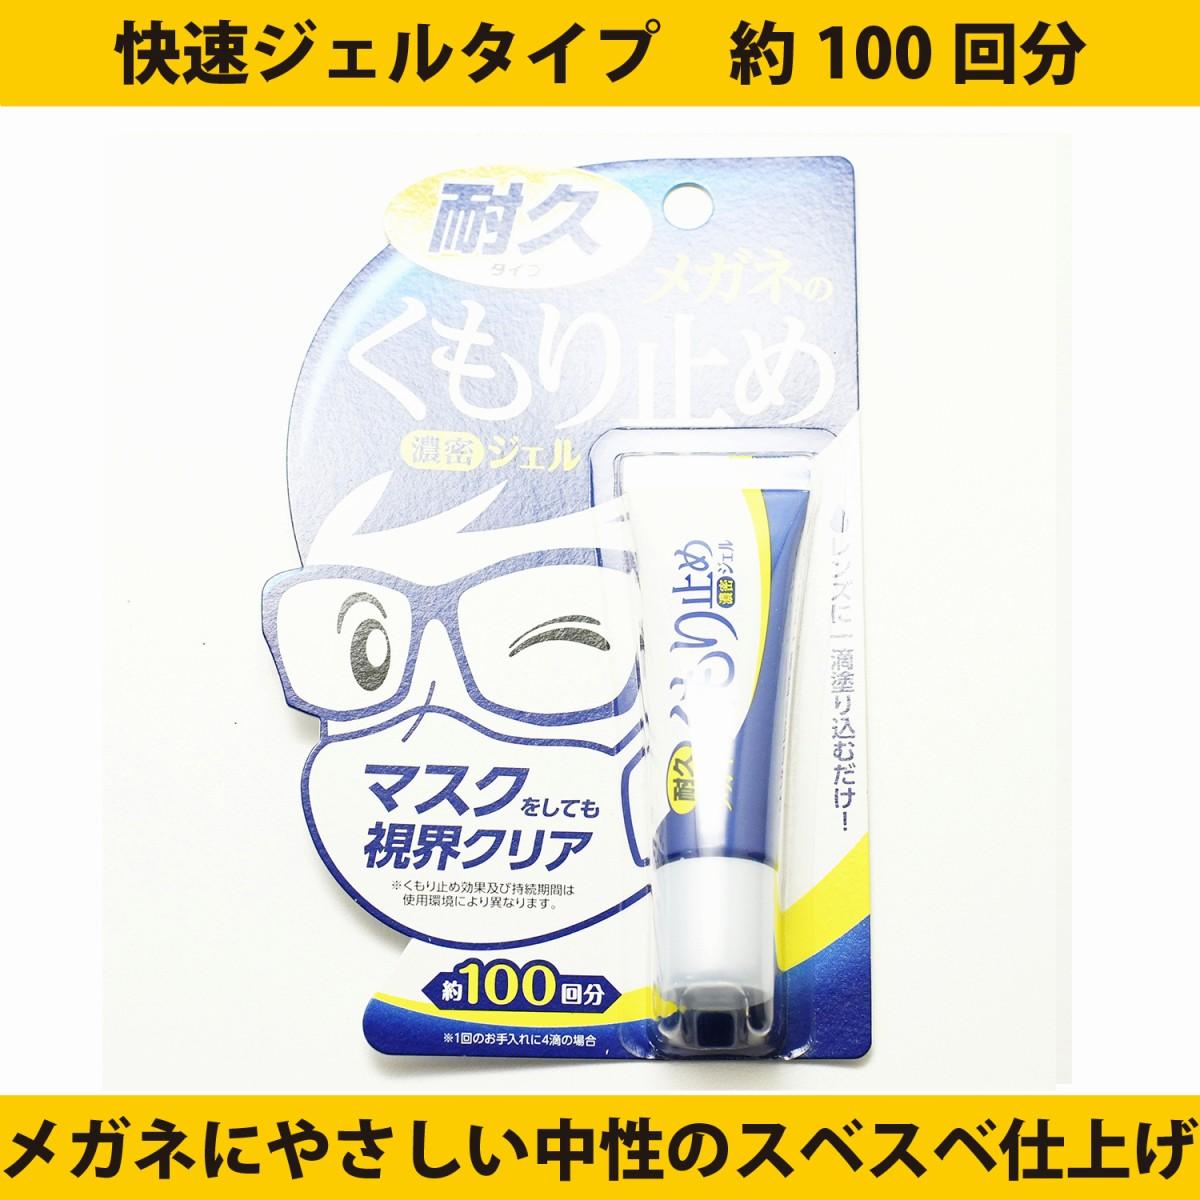 ネコポス対応 マスク装用 低価格化 5☆大好評 通勤 調理 メガネのくもり止め濃密ジェル SOFT99 食事時にティッシュで塗り込むだけの乾燥不要液が飛び散らないジェルタイプ